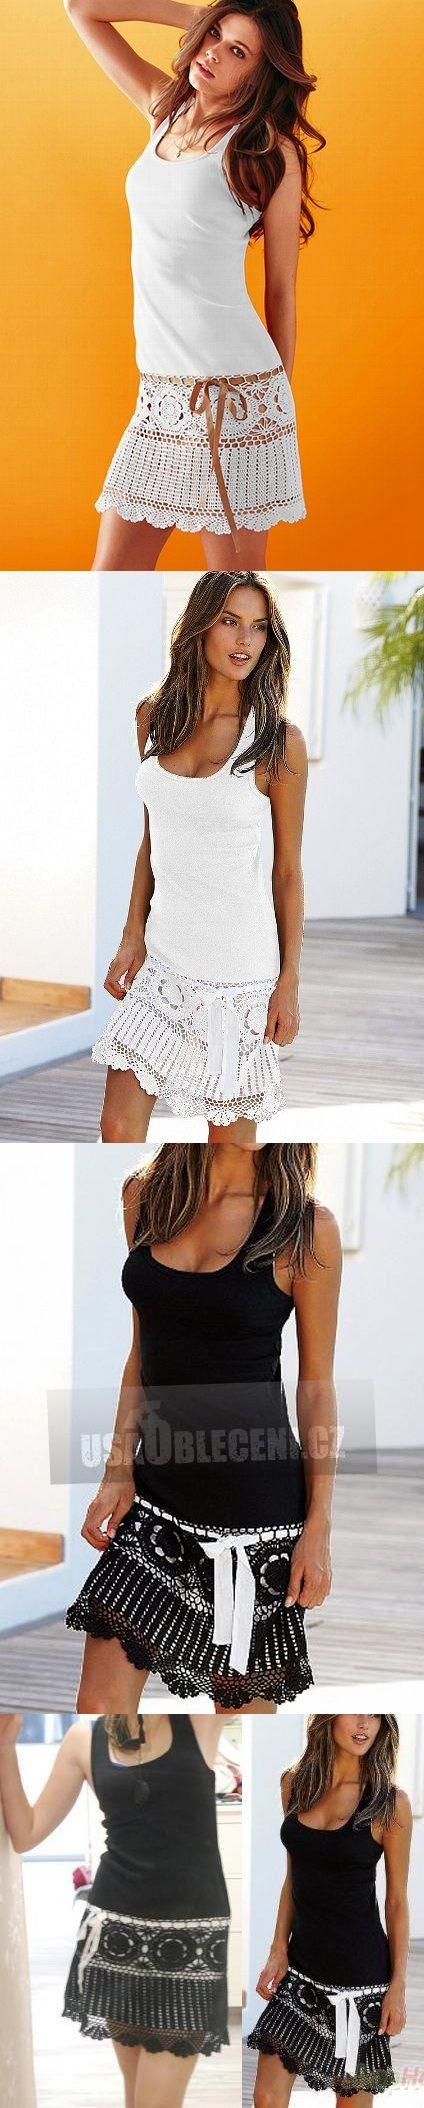 Victoria Secret - para inspiração.